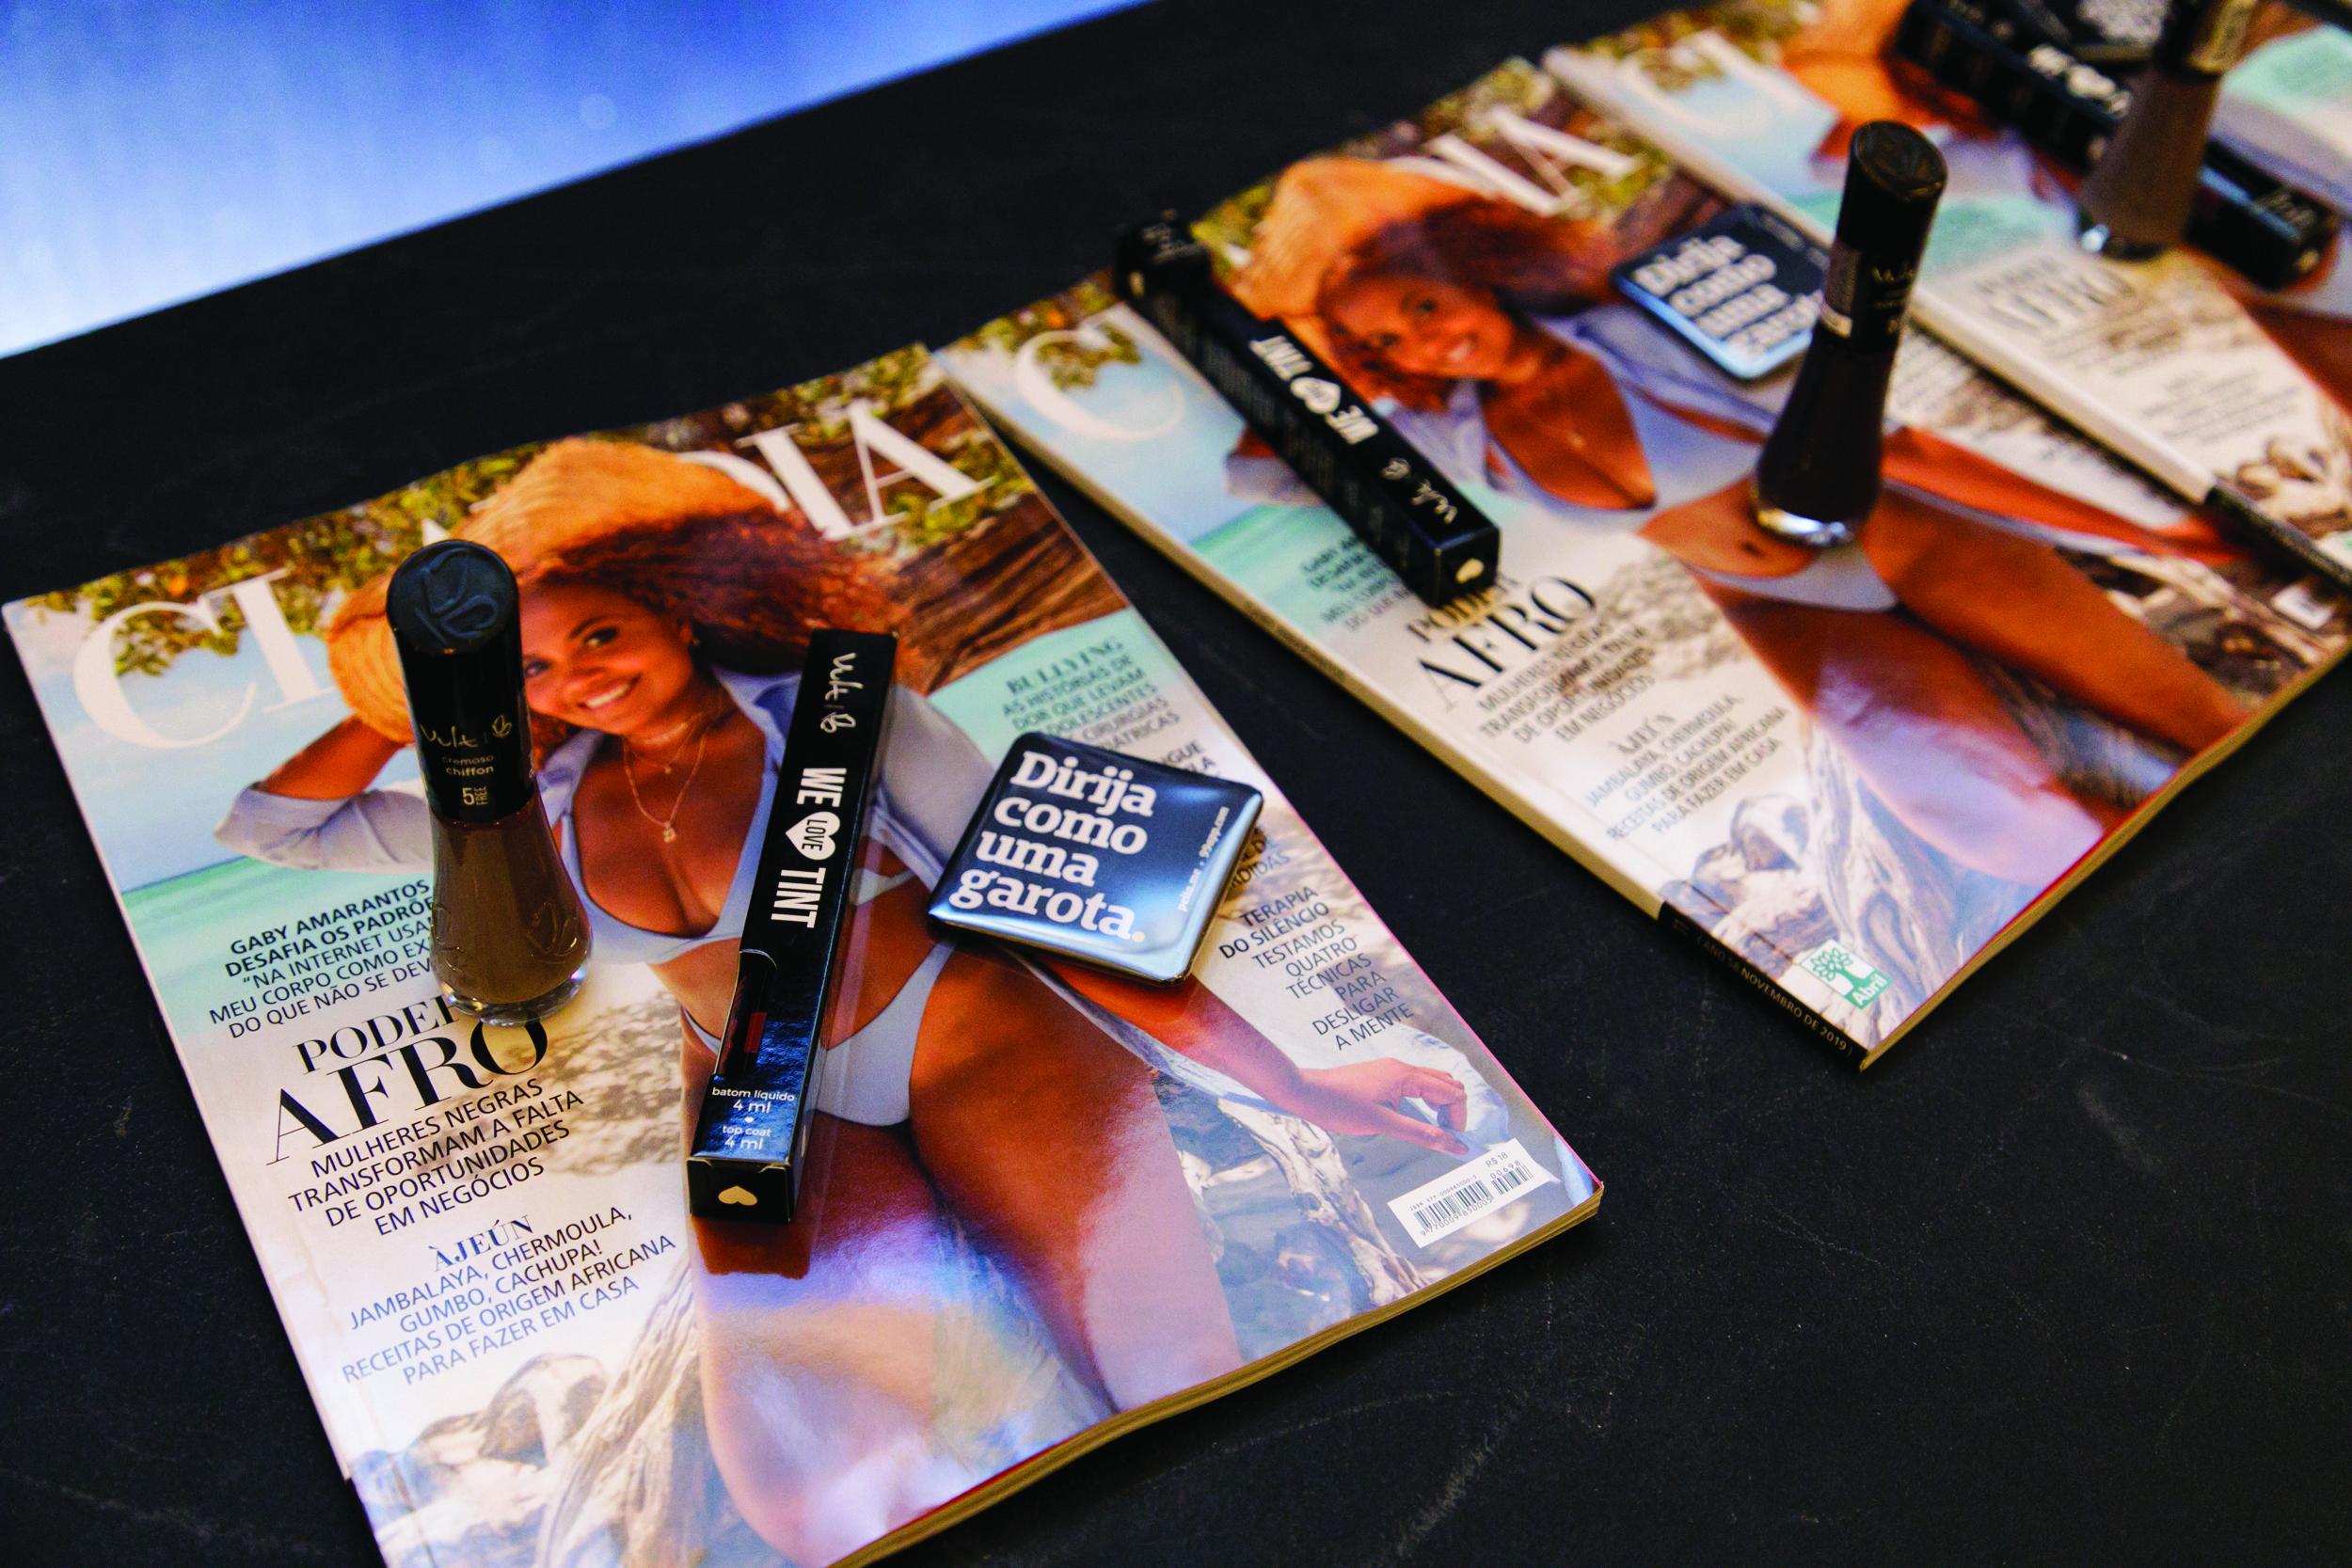 Revista CLAUDIA de Novembro e produtos da Vult